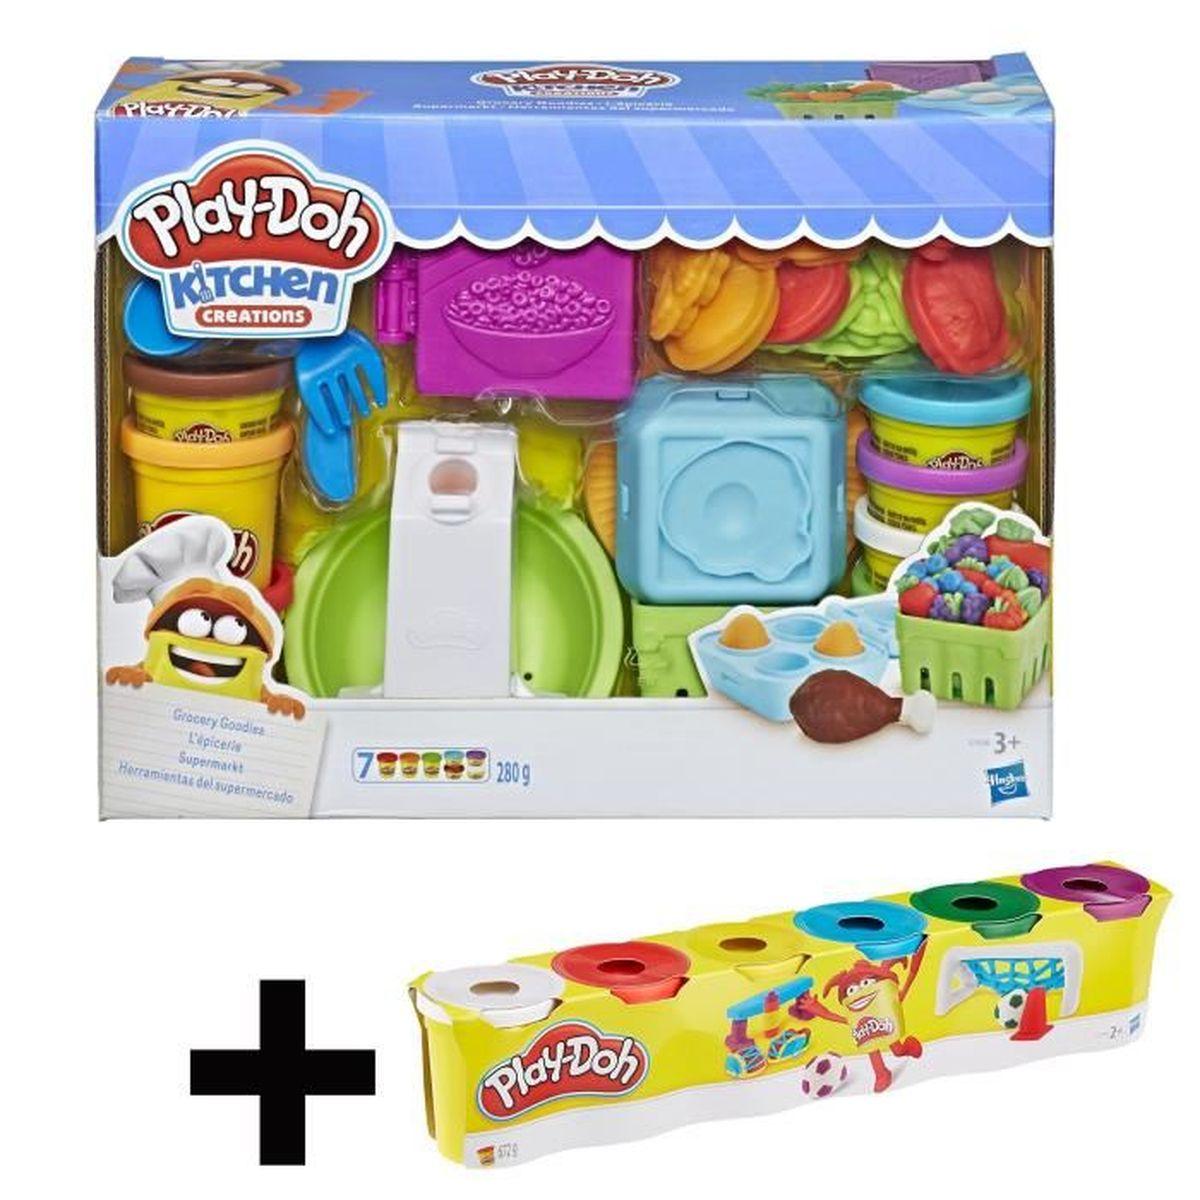 Play Doh Kitchen Creations Lépicerie 6 Pots De Pâte à Modeler